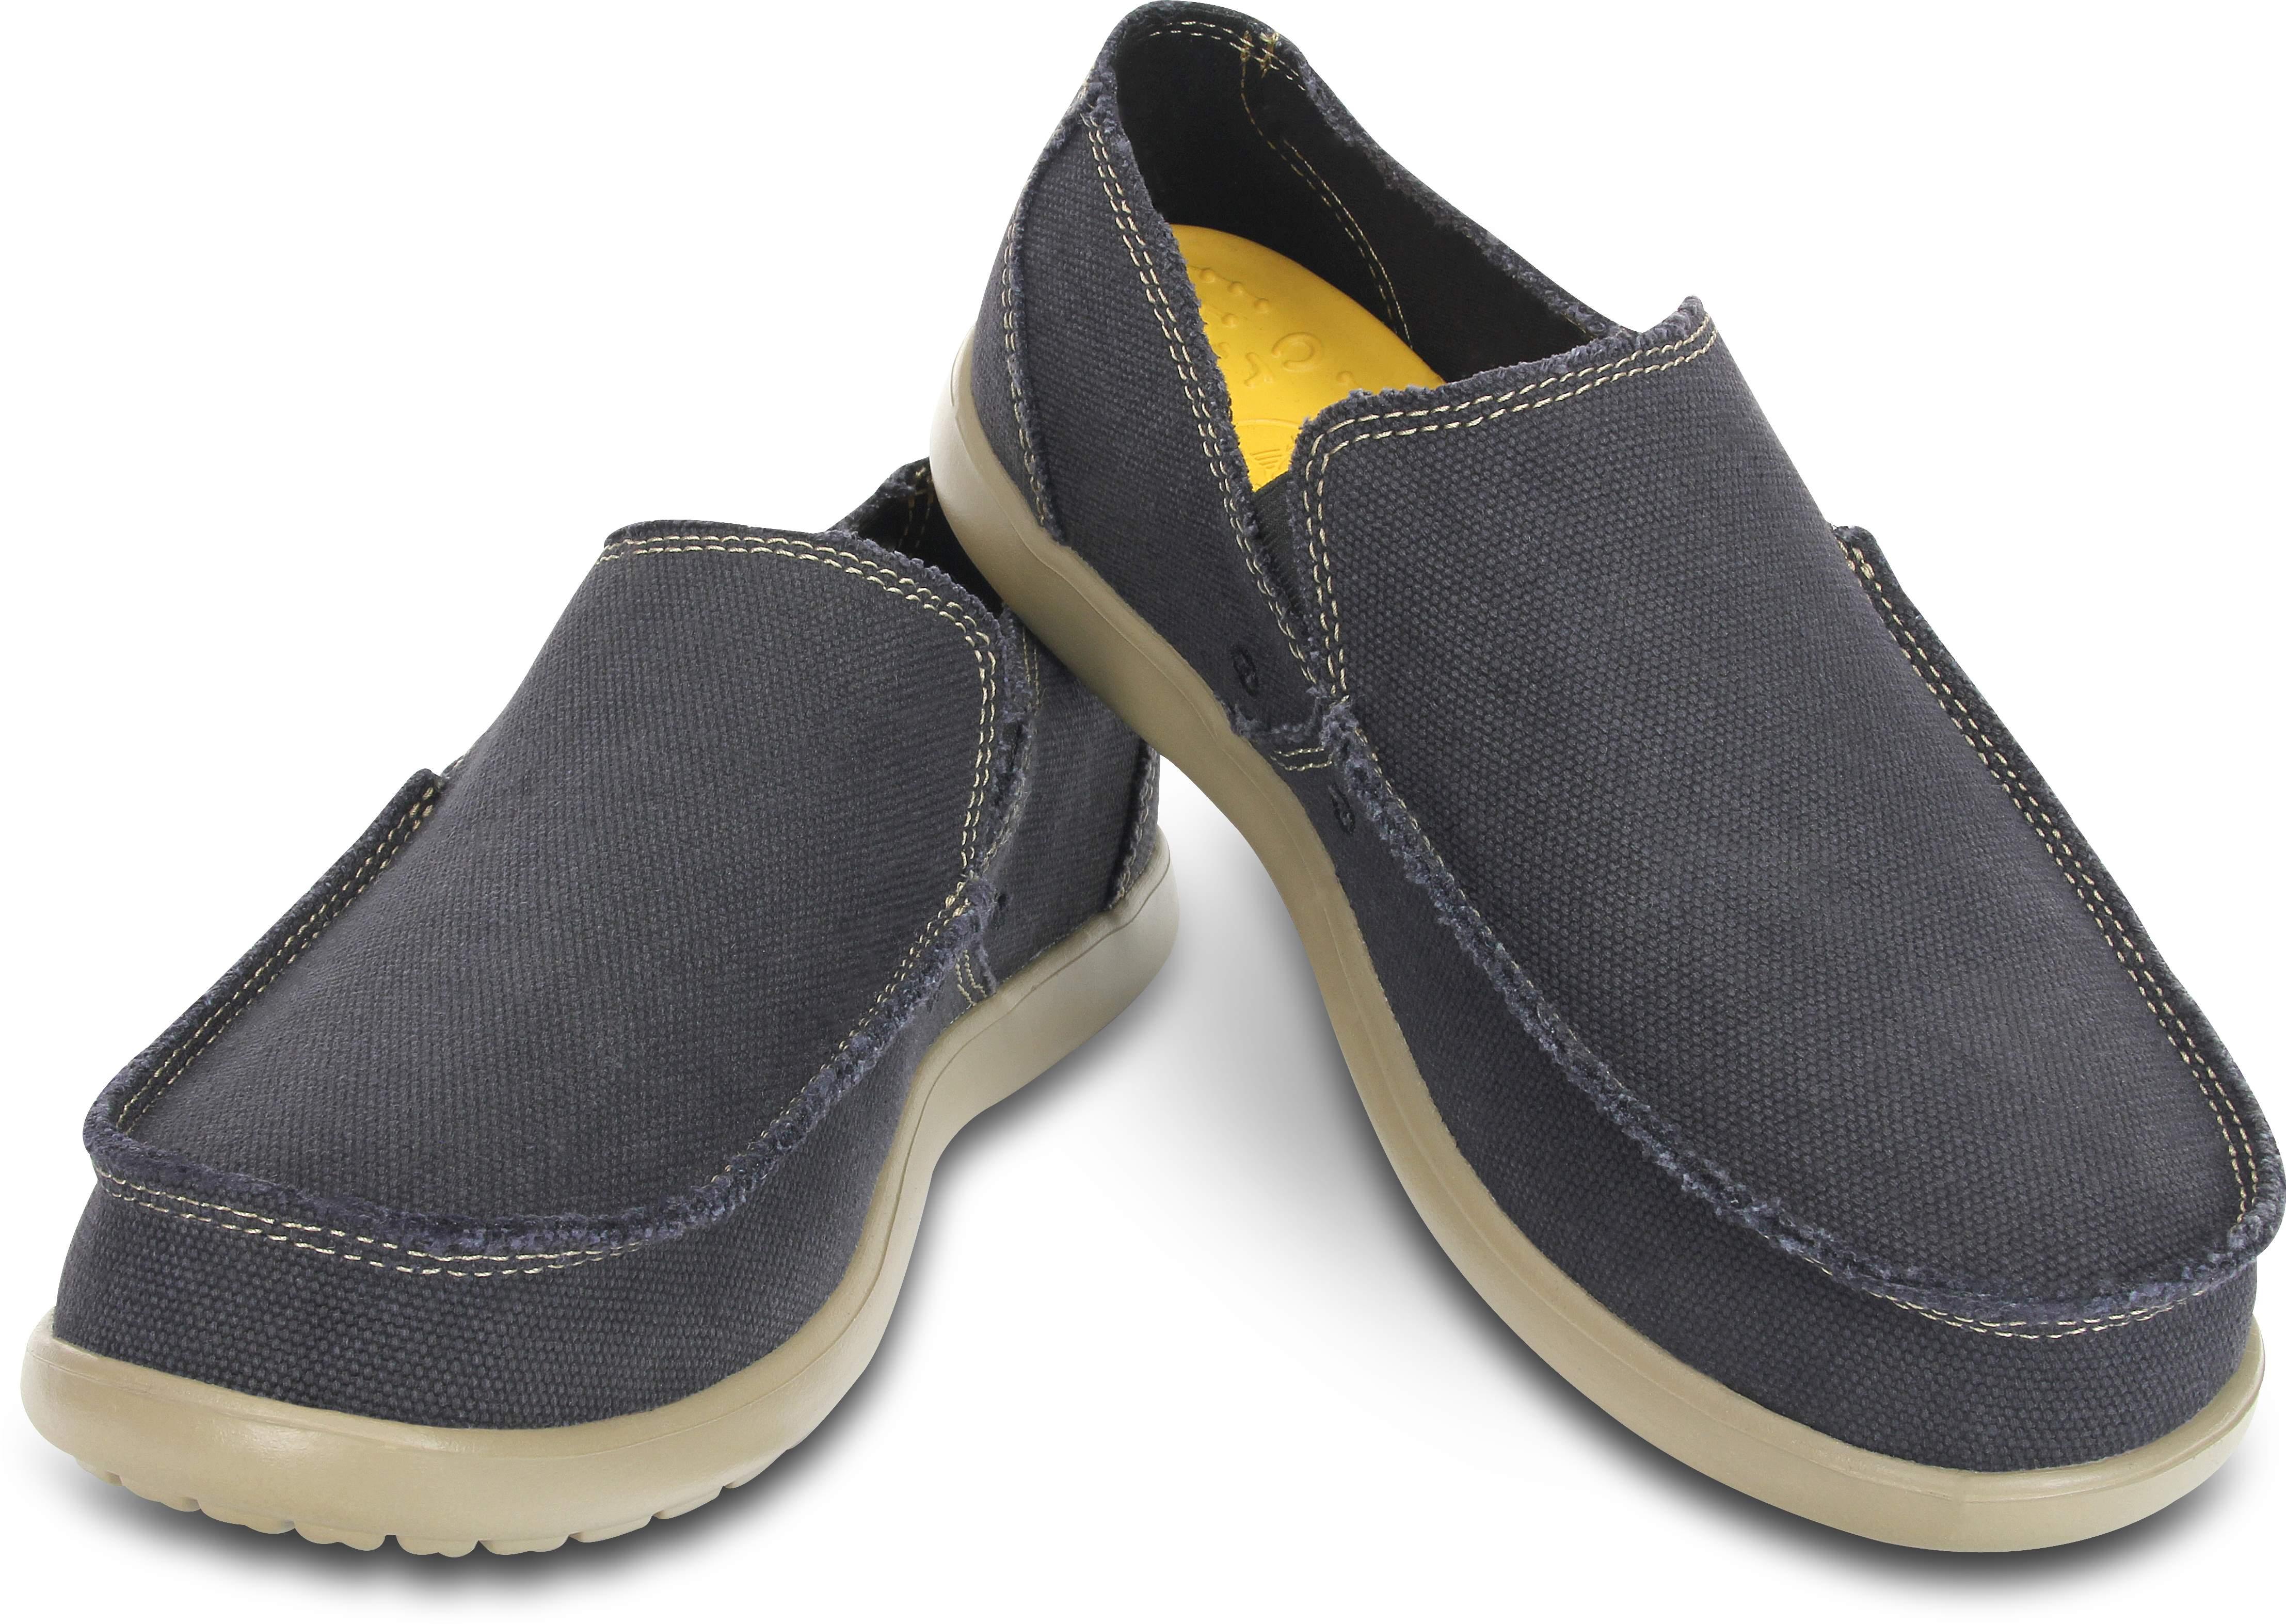 【クロックス公式】 メンズ サンタクルーズ スリップオン Men's Santa Cruz Slip-On メンズ、紳士、男性用 ブラック/黒 25cm,26cm,27cm,28cm,29cm loafer ローファー 靴